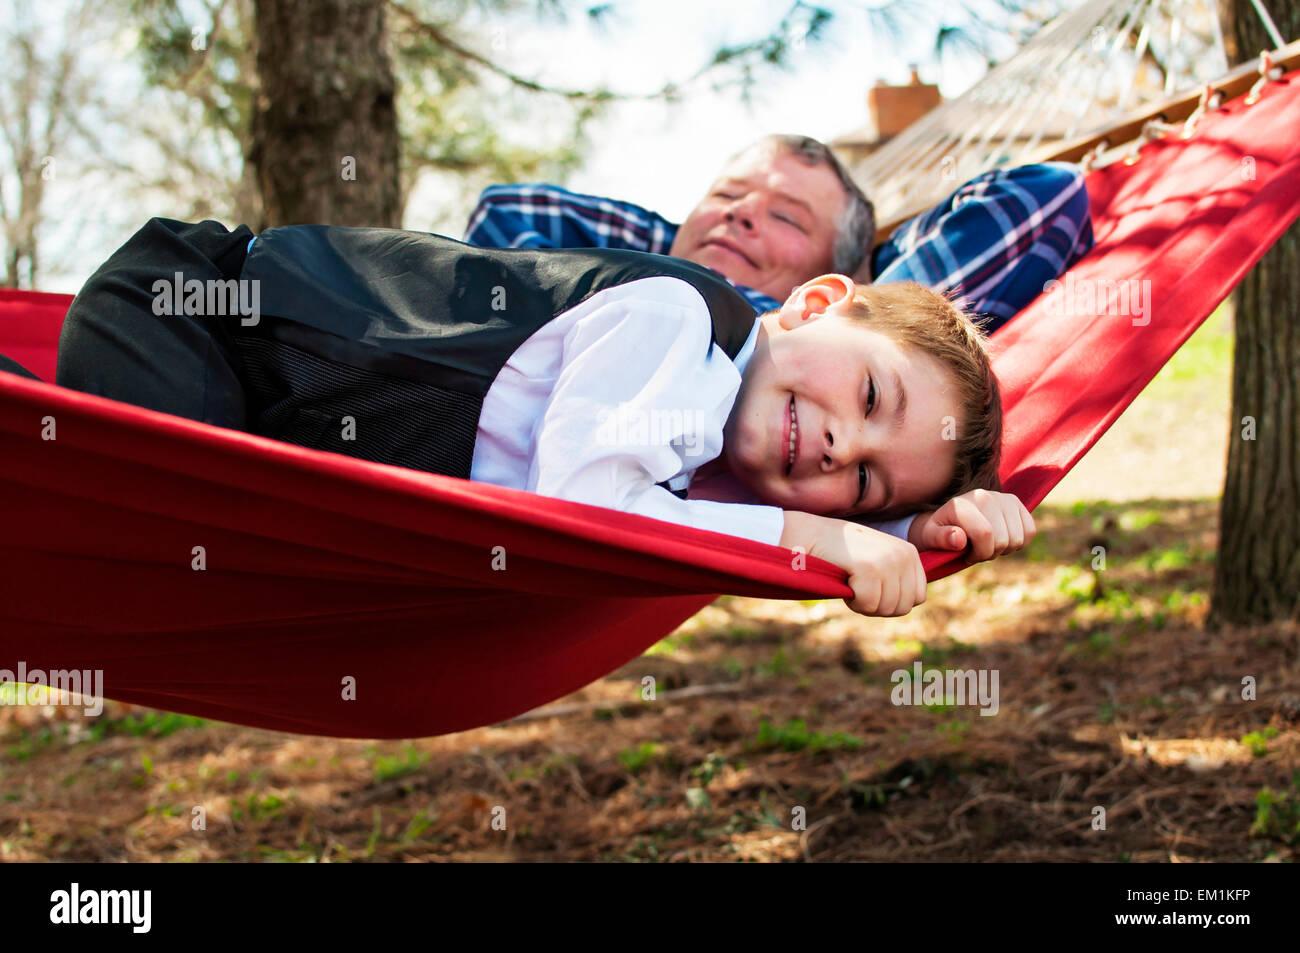 Junge mit Großvater in Hängematte Stockbild